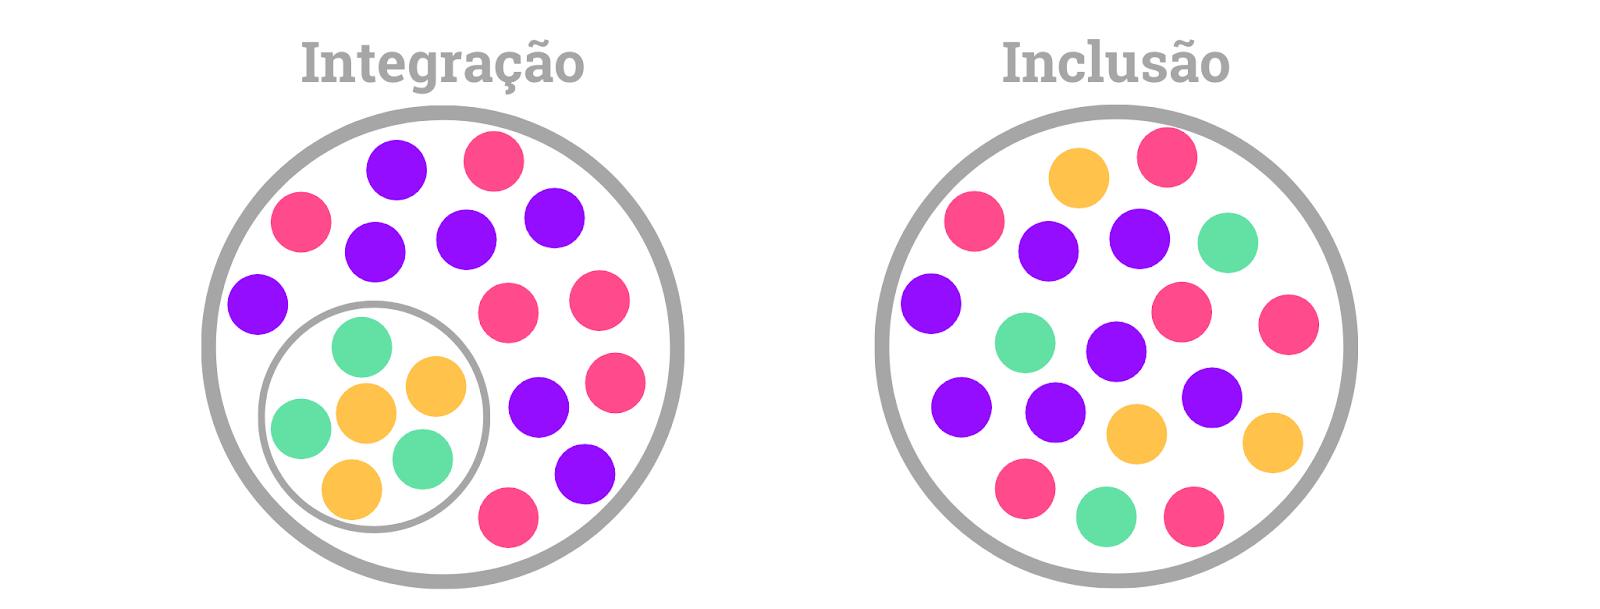 acessibilidade e inclusão